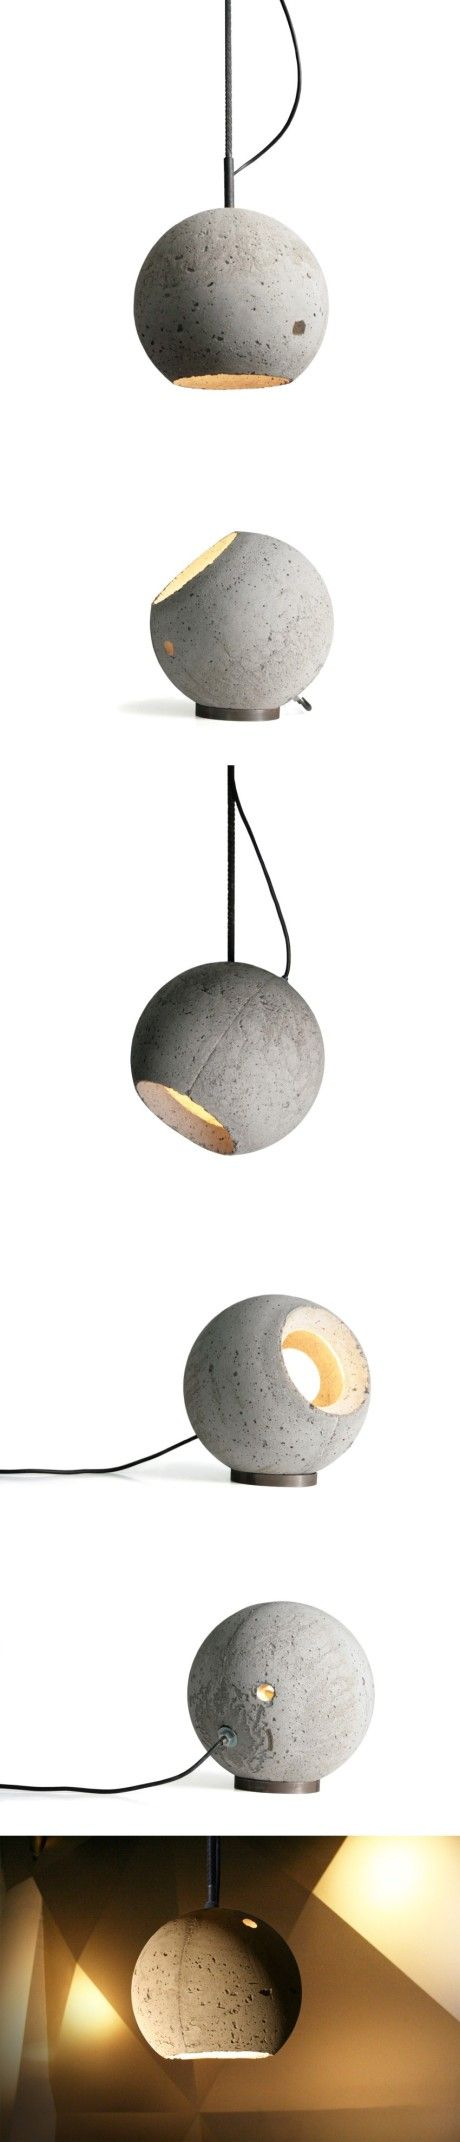 Bola de cemento que se puede colocar tanto en la mesa, como en el techo, como colgante, etc